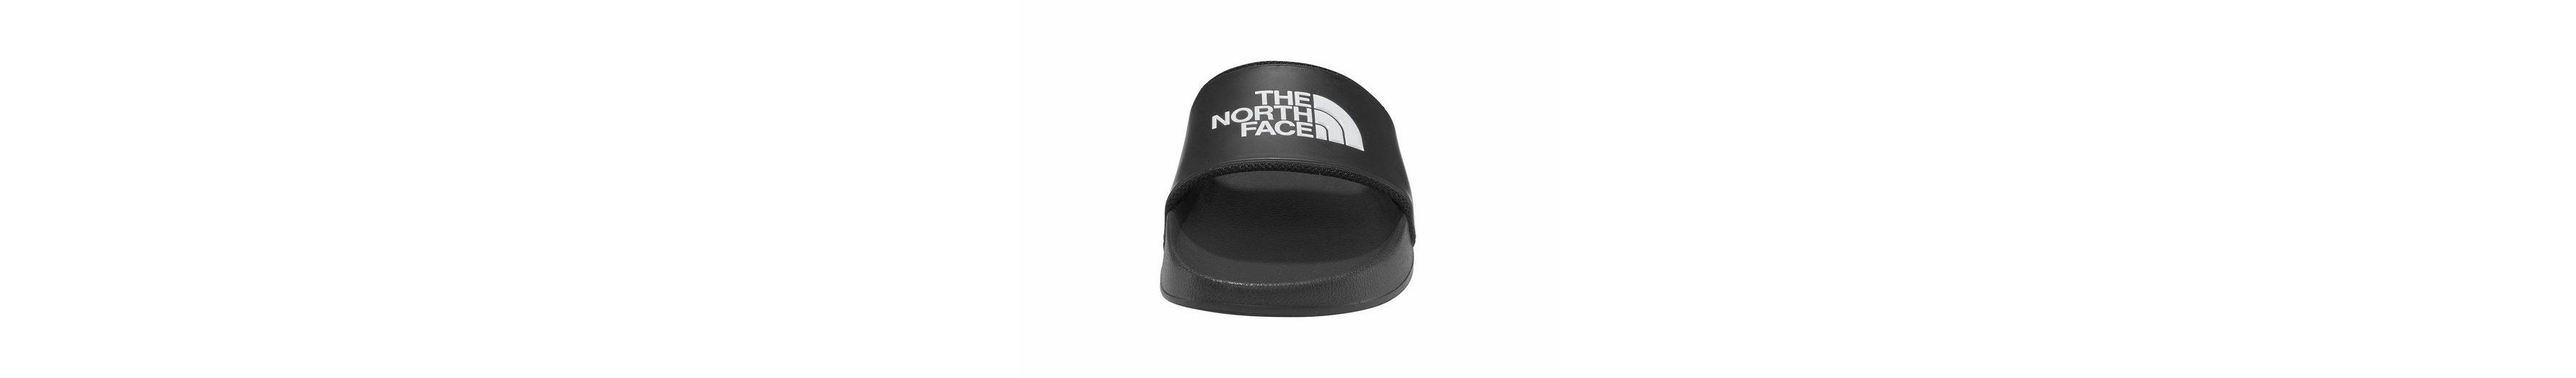 Bestes Geschäft Zu Bekommen Günstigen Preis Niedriger Versand Günstig Online The North Face Base Camp Slide II Badesandale Rabatte Verkauf Online Verkauf Niedriger Preis WwoN6